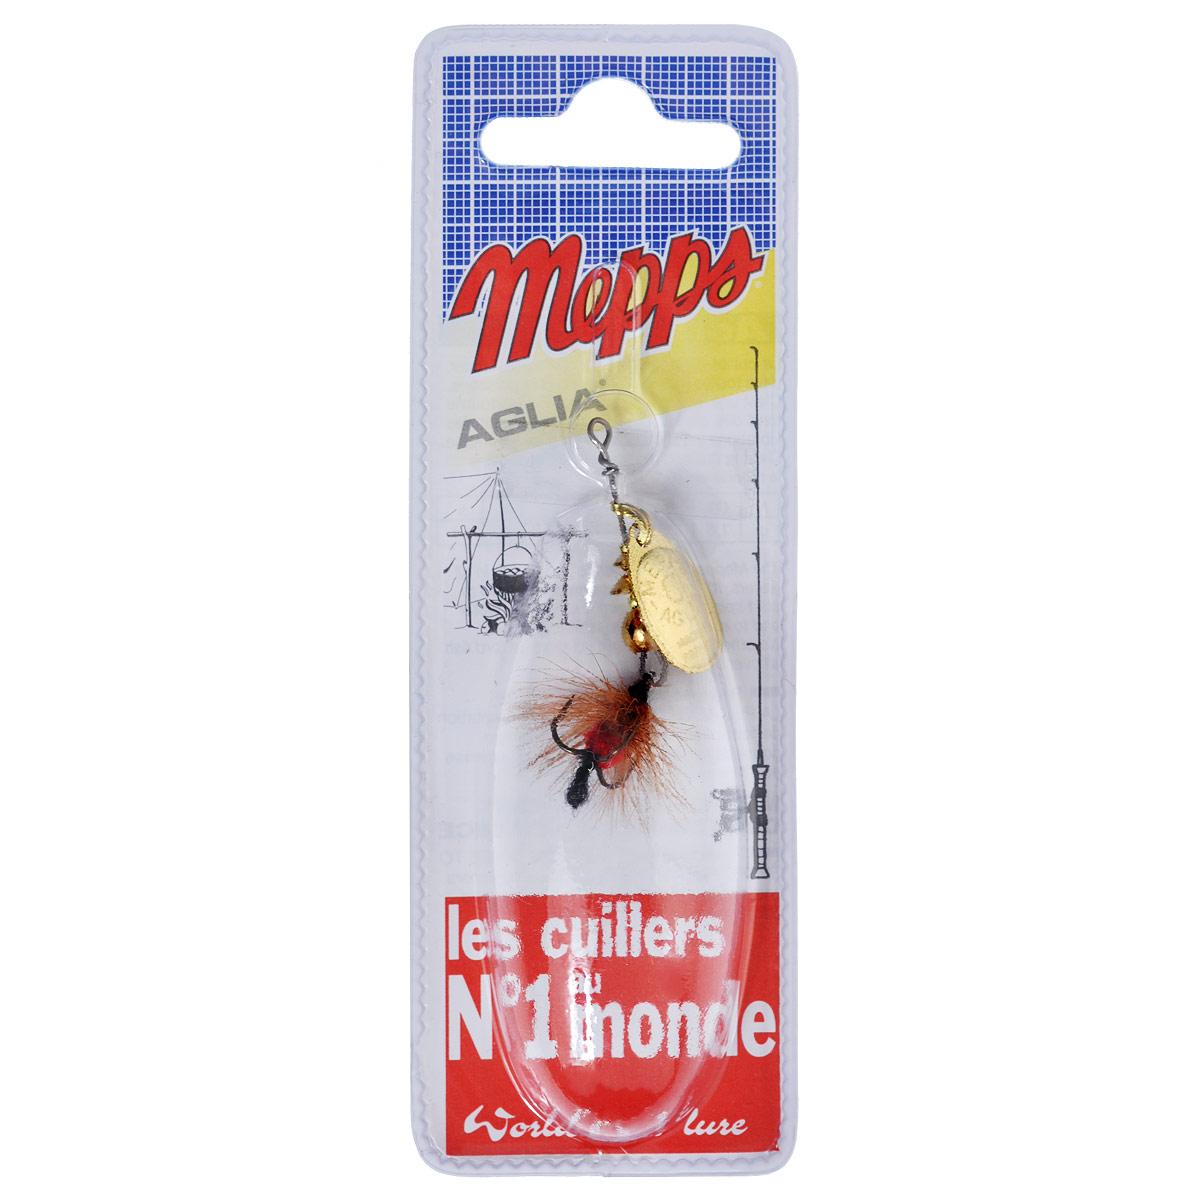 Блесна Mepps Aglia OR Mouch. Rouge, вращающаяся, №05740Вращающаяся блесна Mepps Aglia OR Mouch. Rouge оснащена мушкой из натурального беличьего хвоста, это очень эффективные приманки для ловли жереха, голавля, язя, окуня и других видов рыб, особенно в периоды массового вылета насекомых. Aglia Mouche - некрупная блесна, которая особенно подходит для летней ловли рыбы (особенно осторожной) на мелководье.